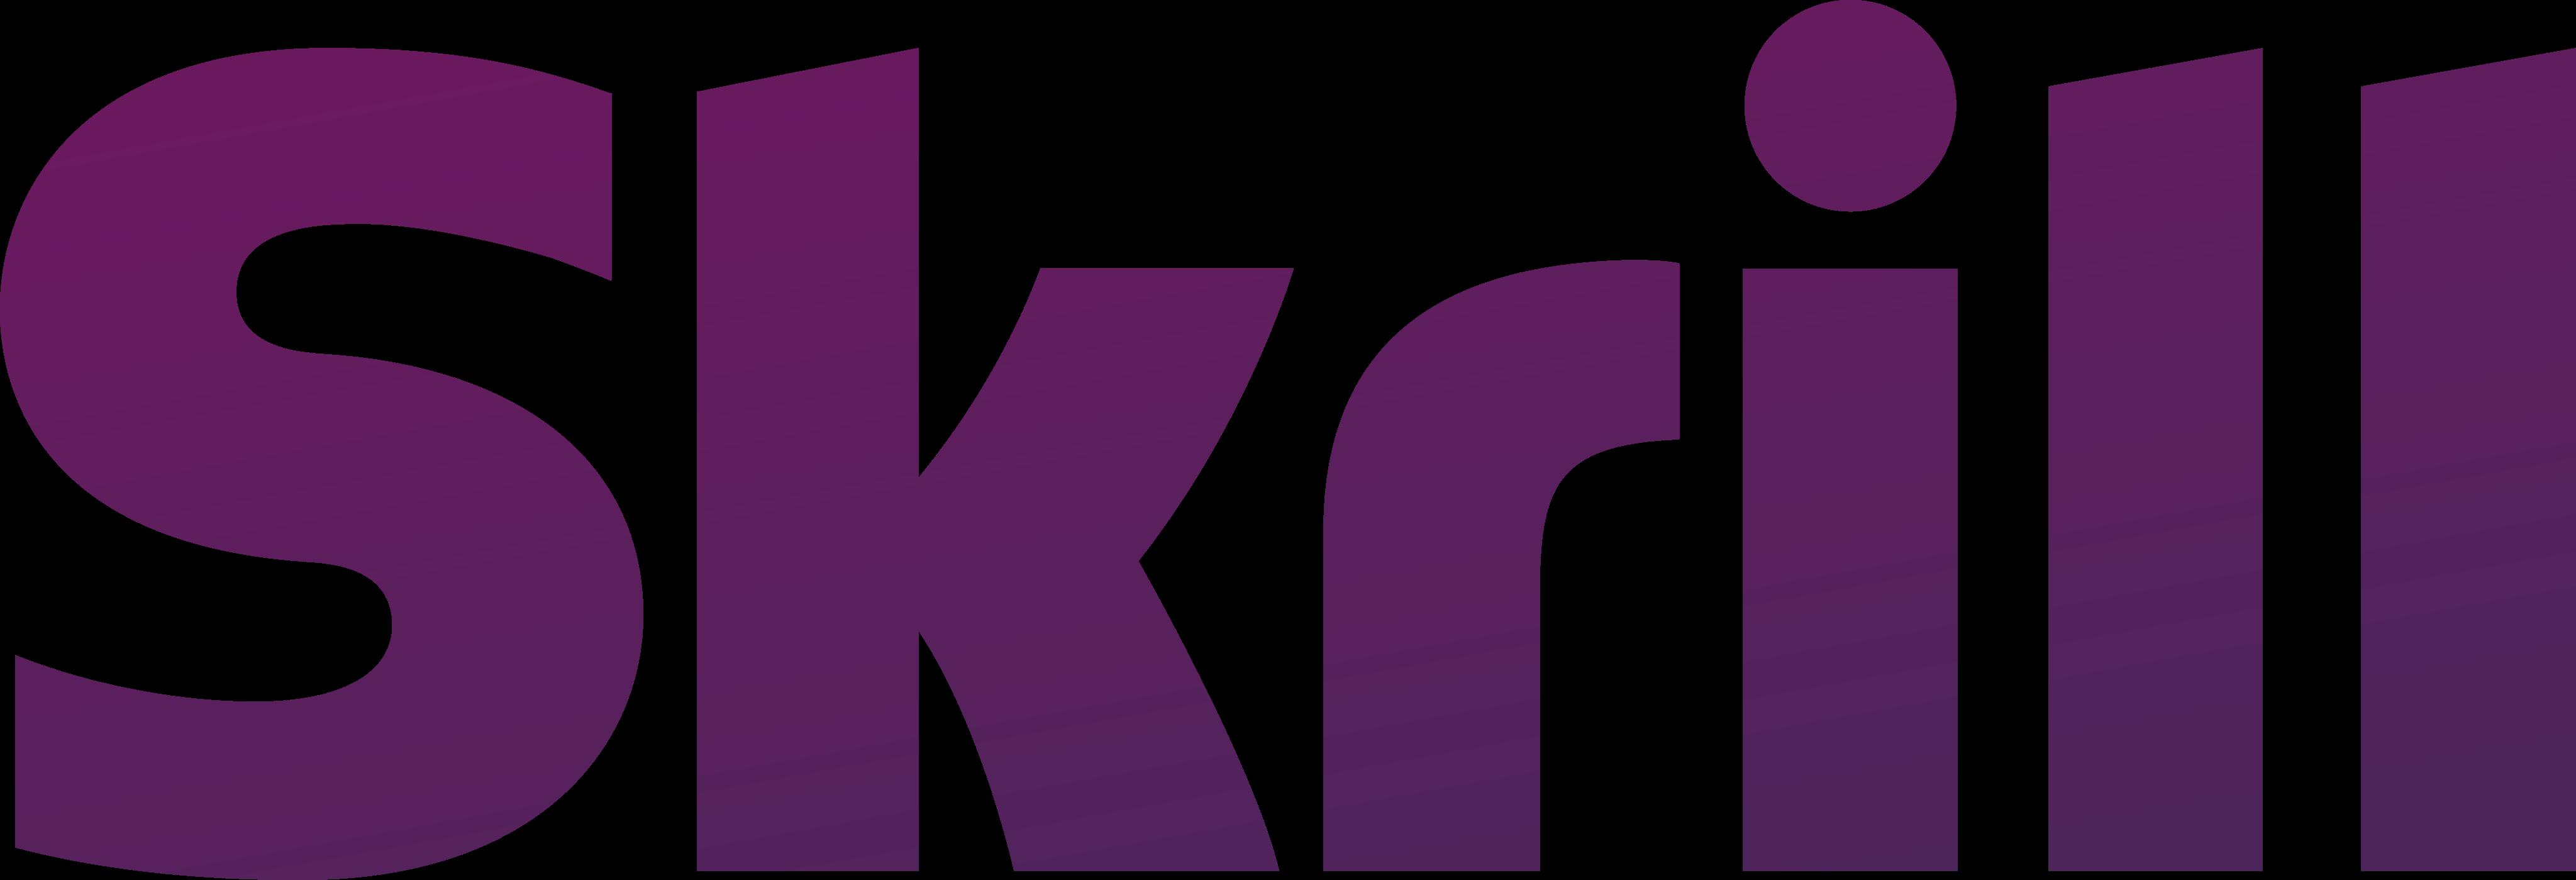 skrill logo - Skrill Logo